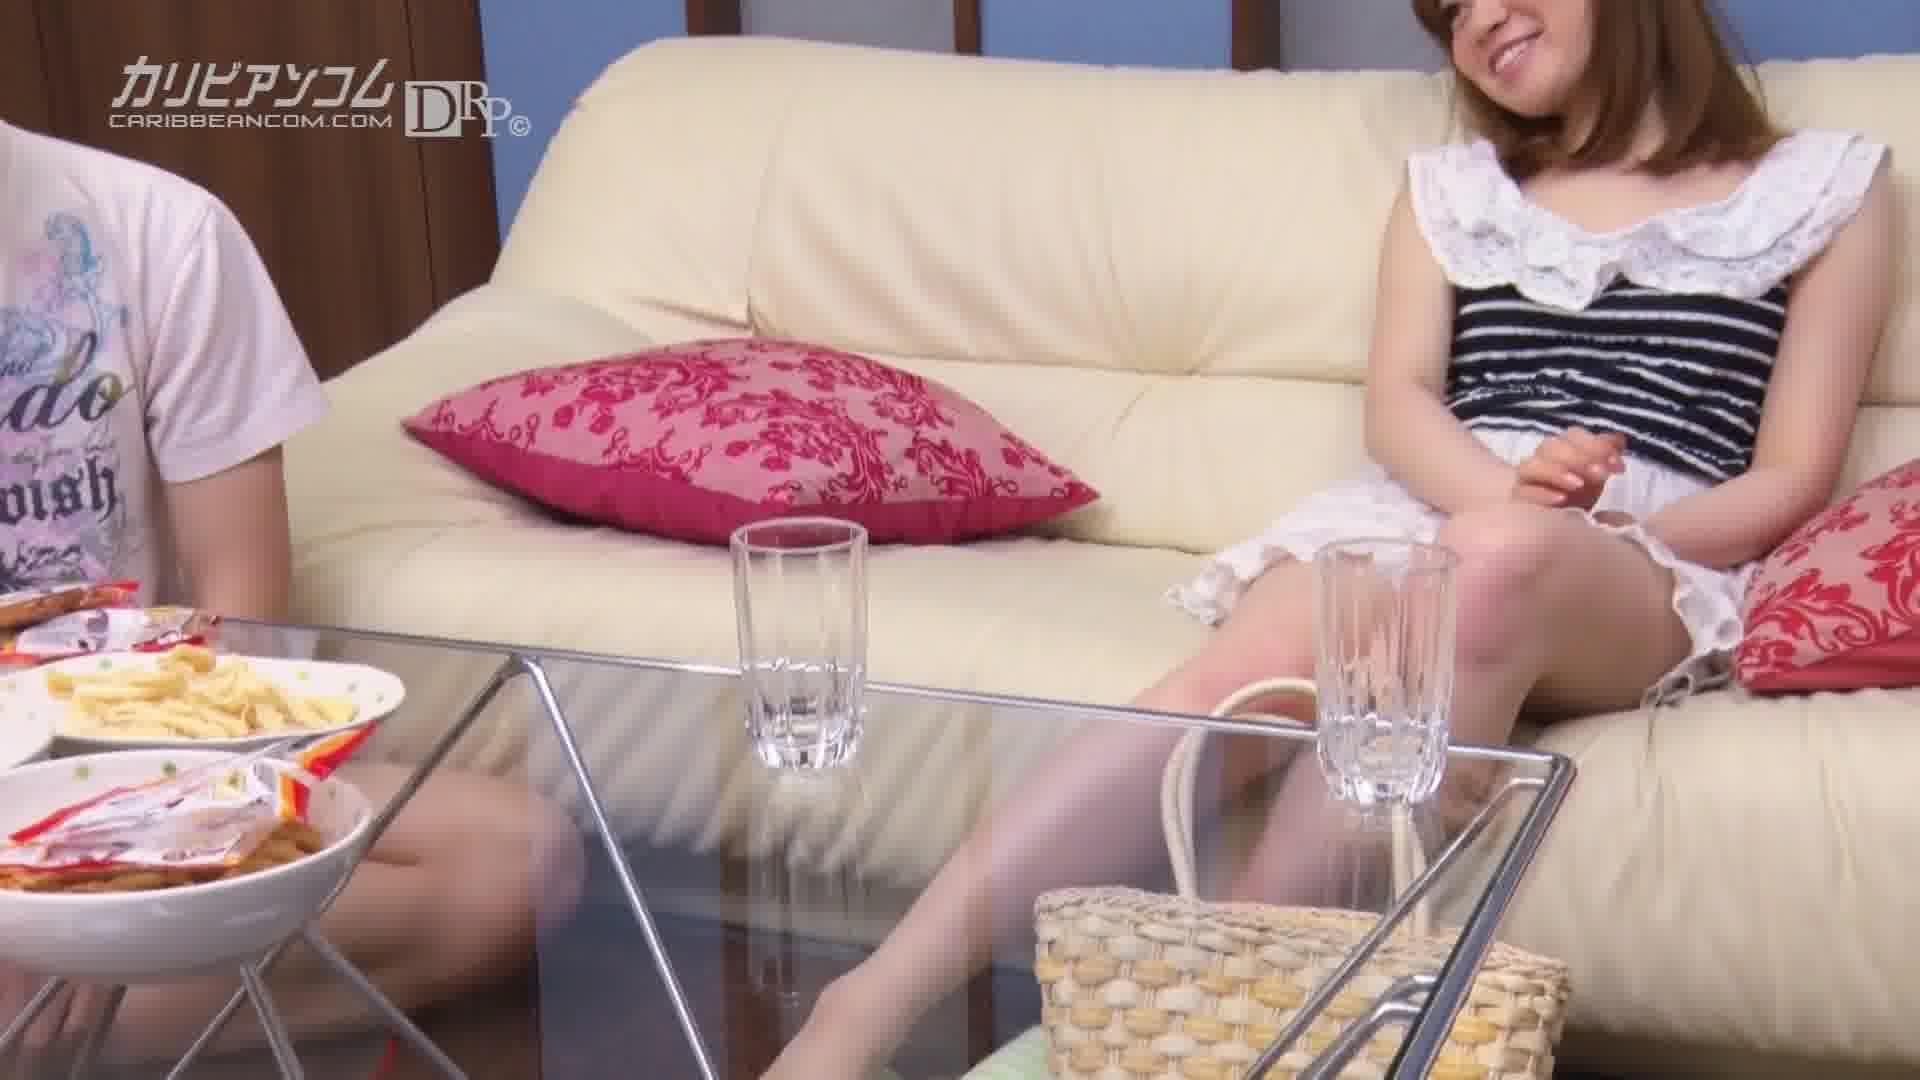 夏の想い出 Vol.9 - 星乃ここみ【美乳・潮吹き・浴衣】